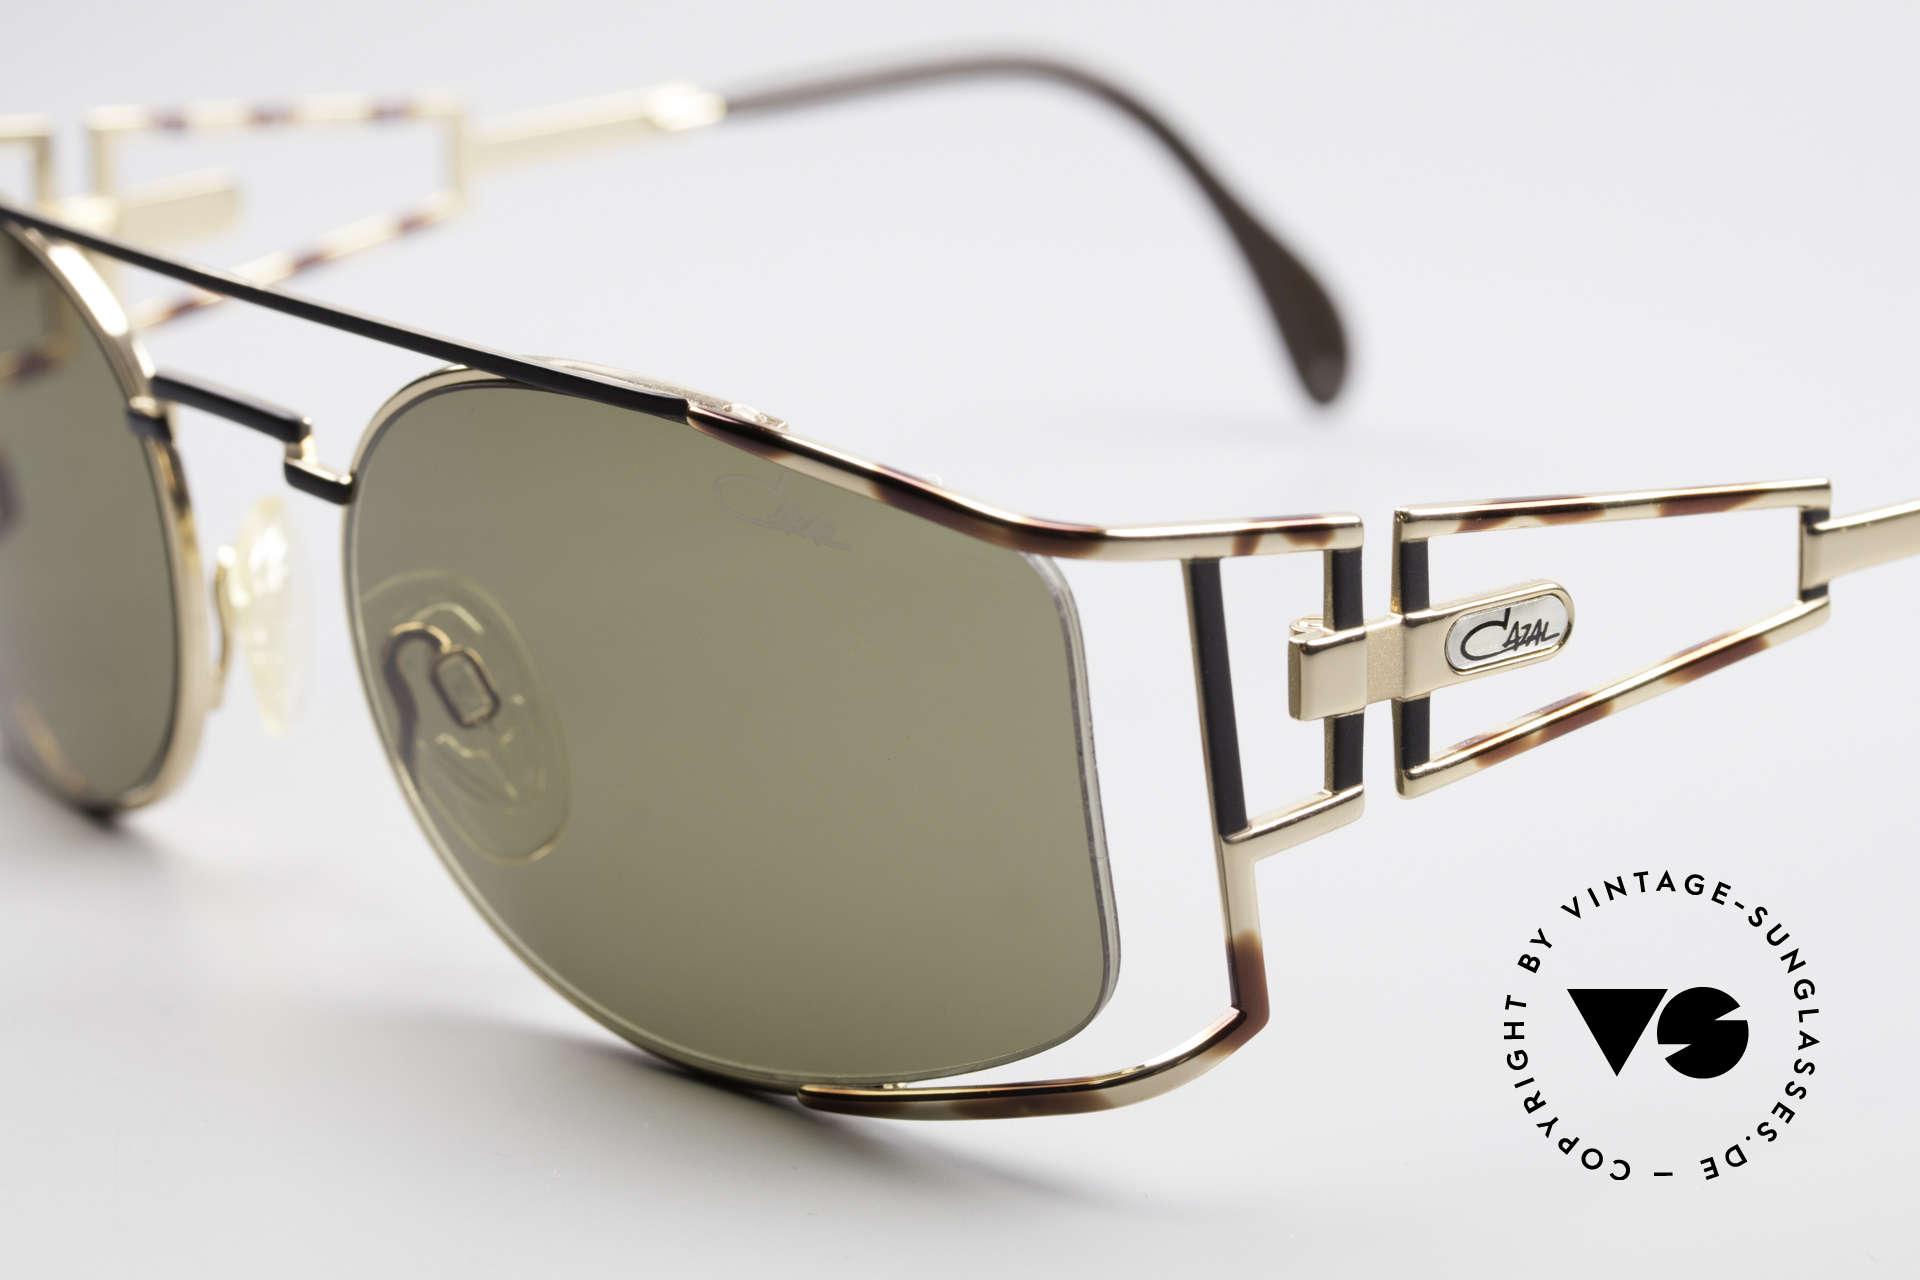 Cazal 967 Rare 90er Markensonnenbrille, havanna-schwarz/gold Kolorierung; made in Germany, Passend für Herren und Damen